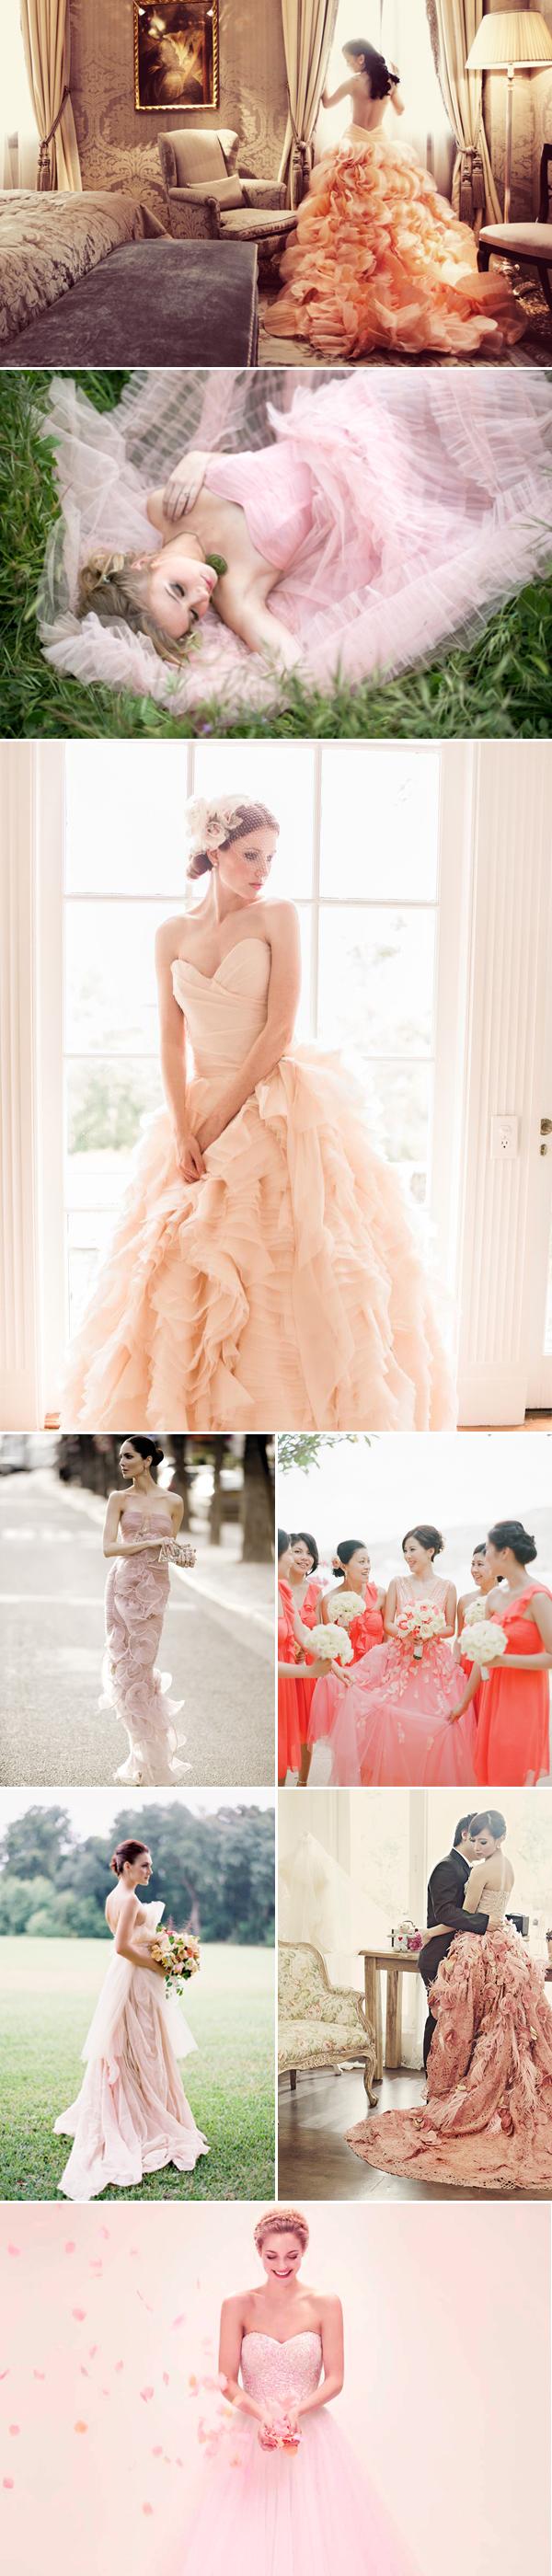 Color wedding dresses02-pink